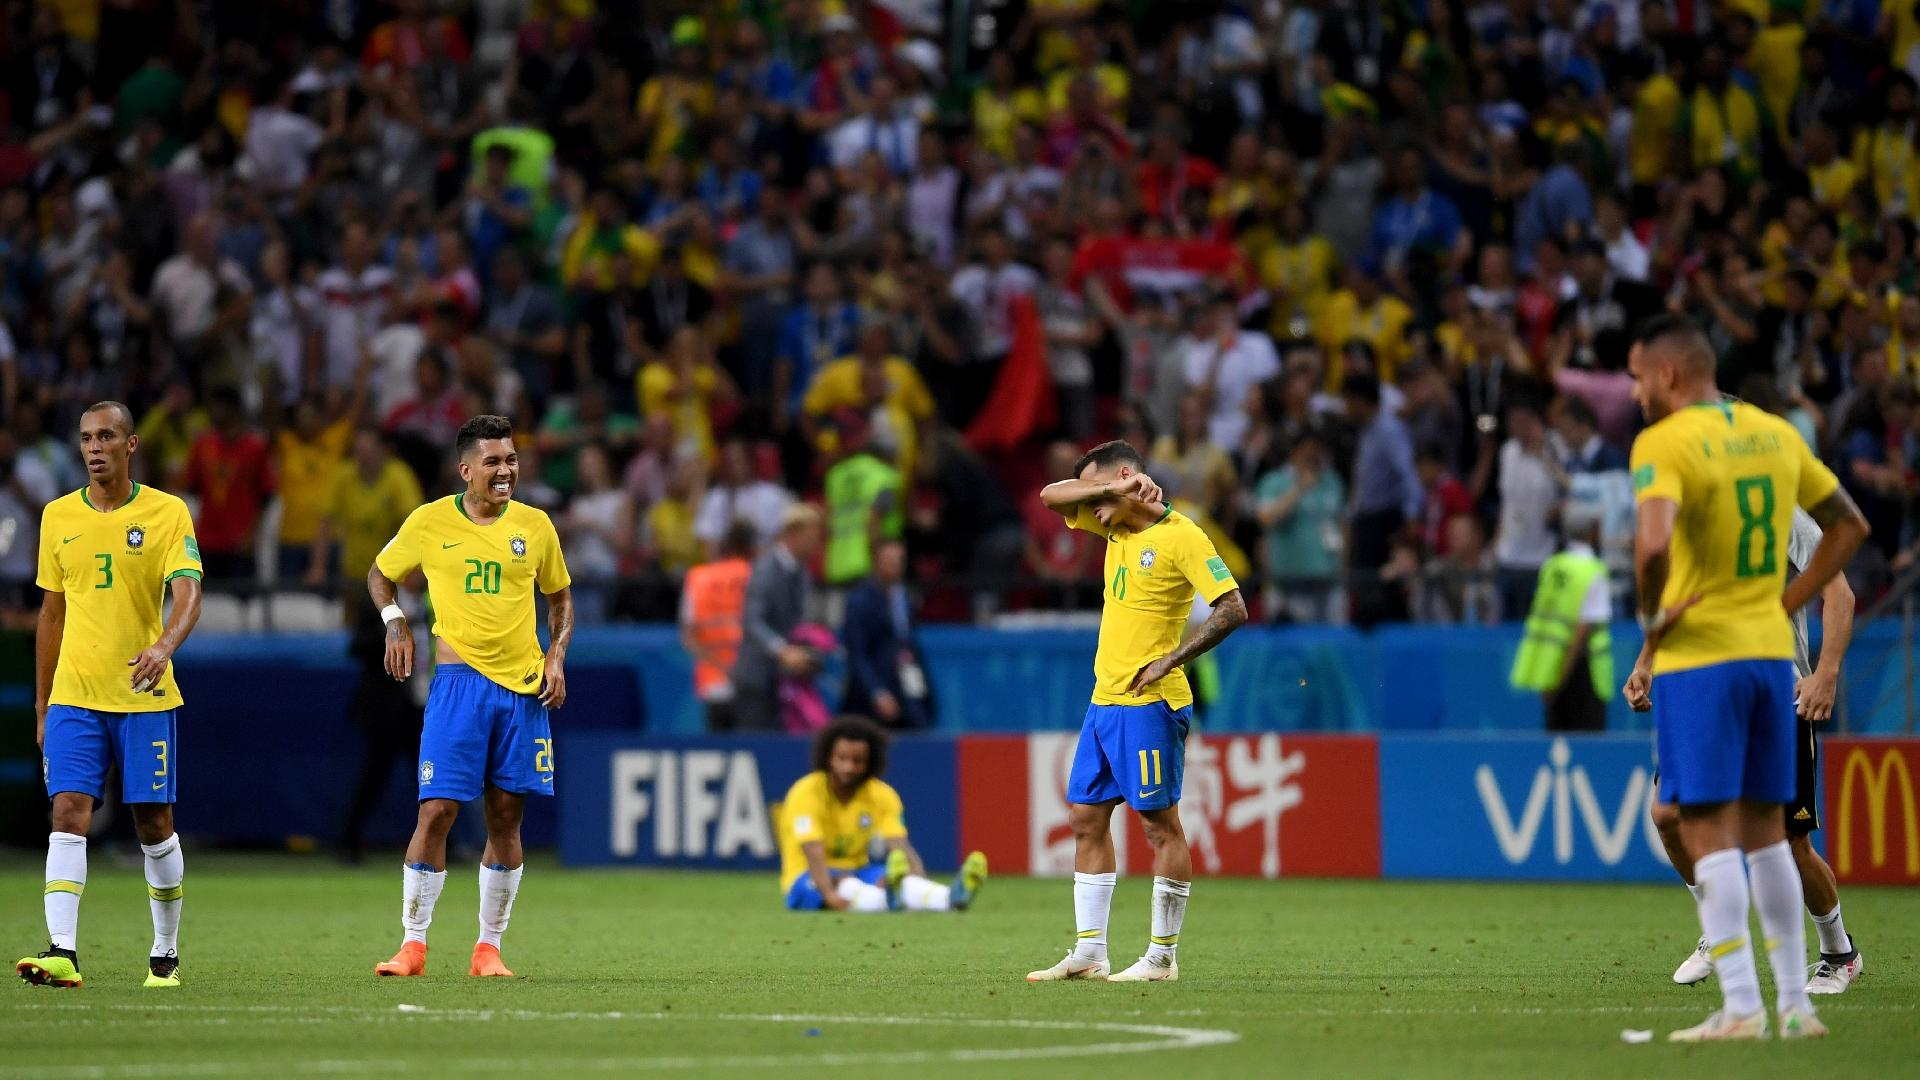 Jogadores do Brasil lamentam a derrota para a Bélgica nas quartas de final da Copa do Mundo